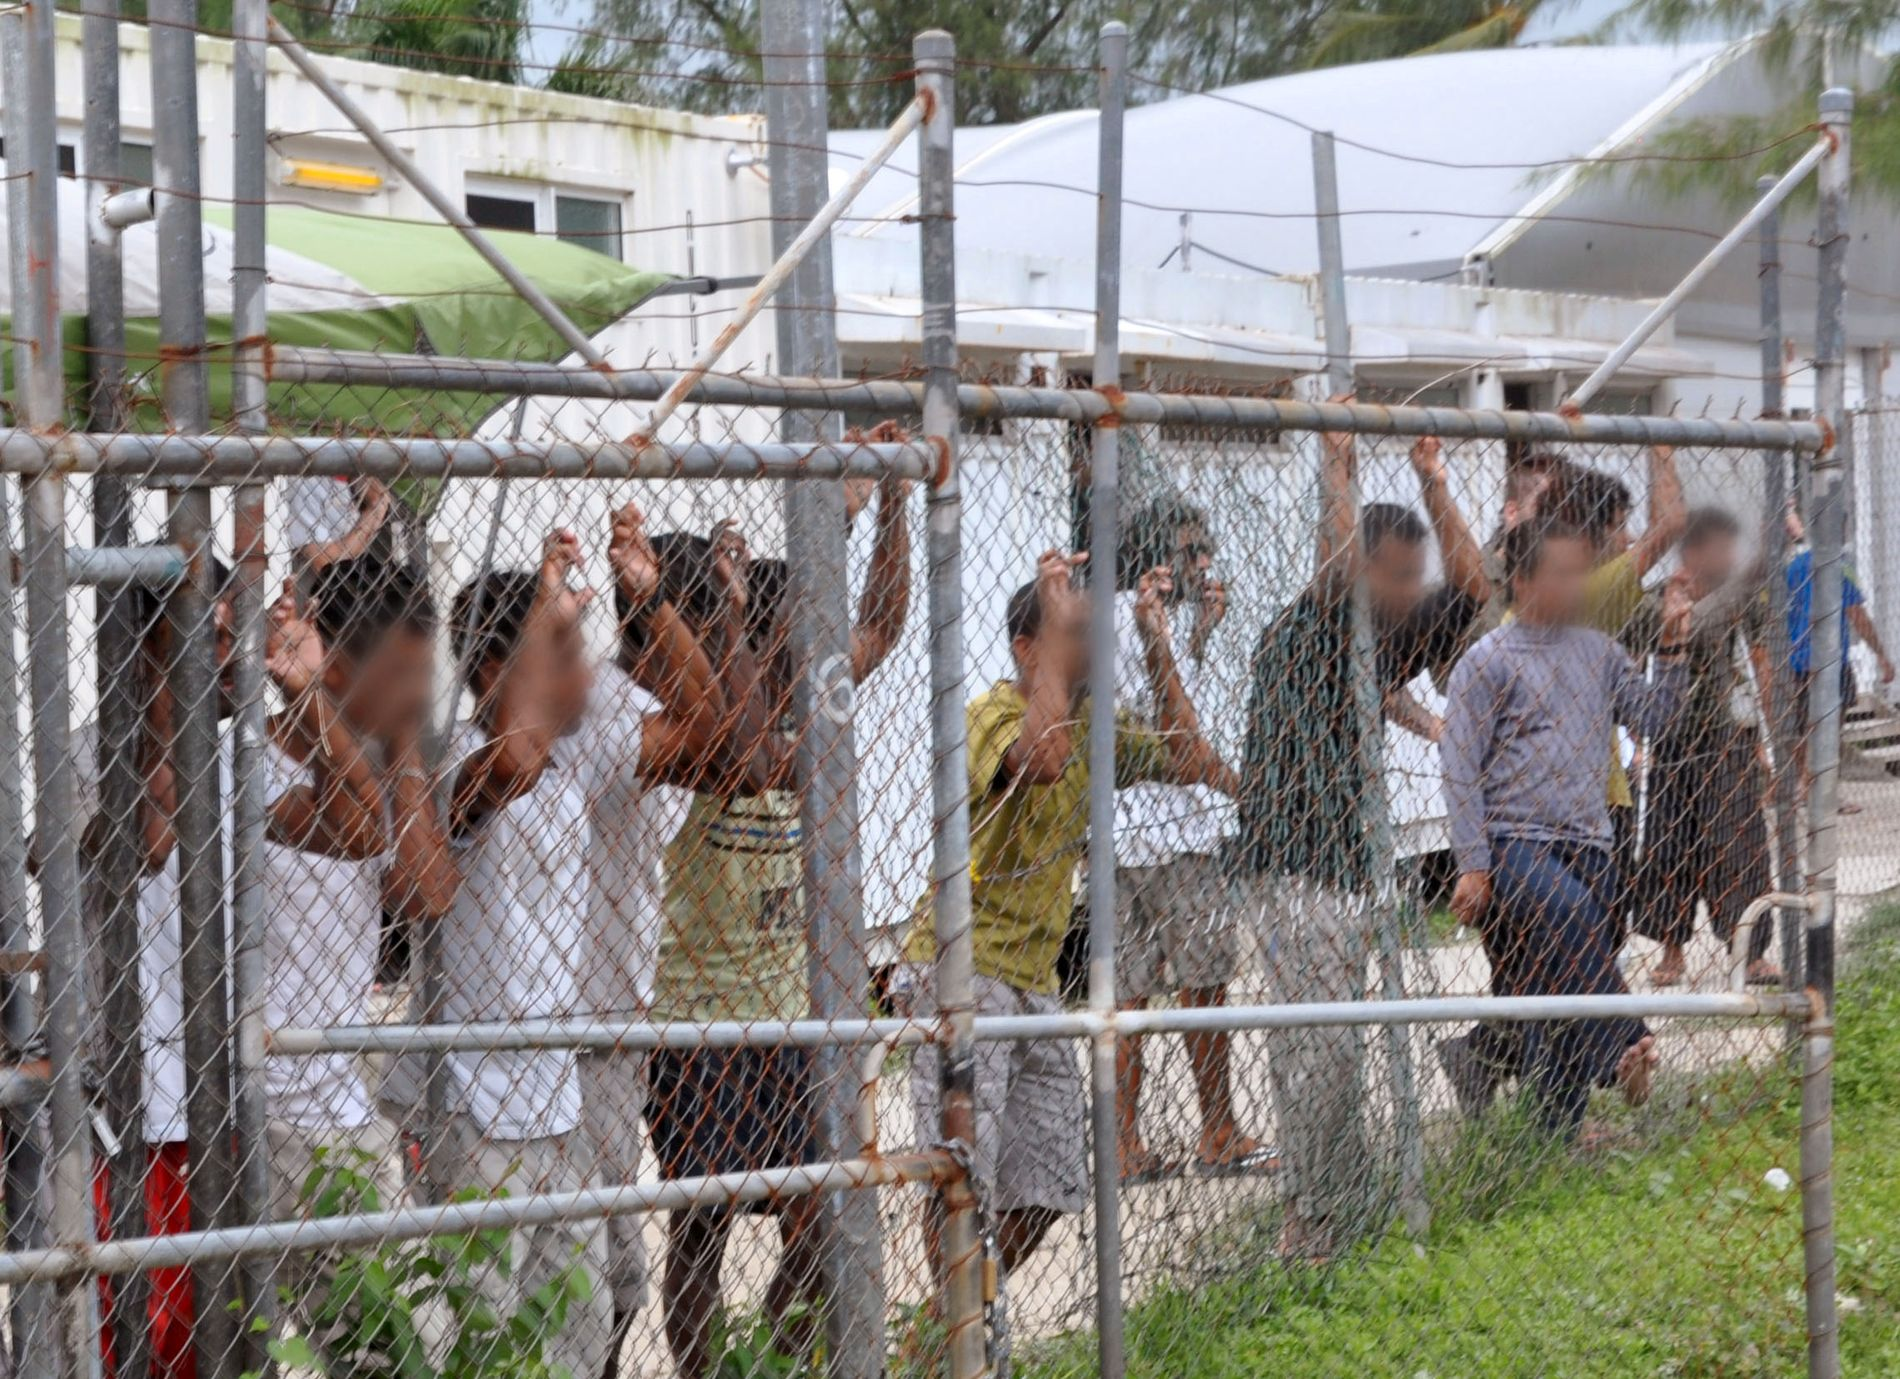 HER SIKRES PENSJONEN DIN: Asylsøkere ser ut gjennom gjerdet på interneringsleiren på Manus-øya i Papua Ny-Guinea. Oljefondet eier aksjer for 2,5 milliarder kroner i selskapet som driver de to mest beryktede leirene.